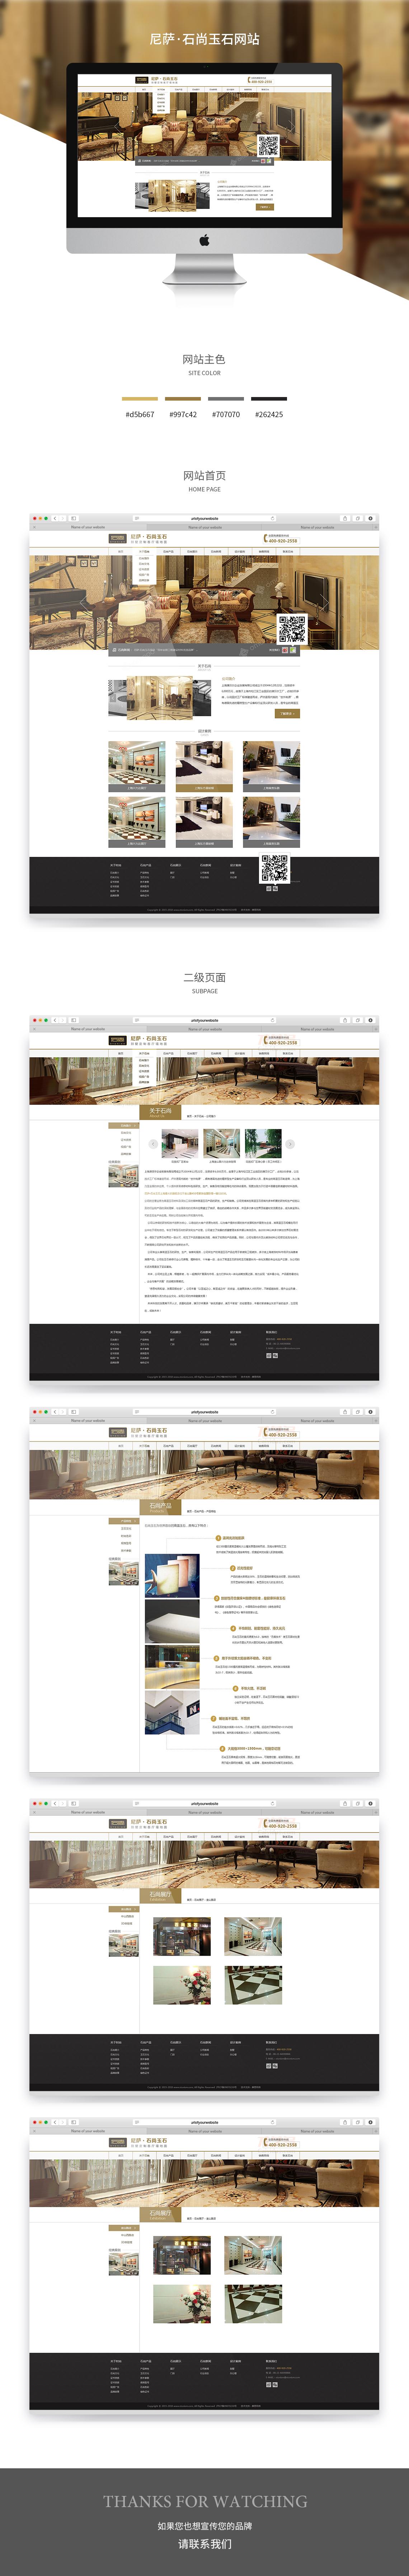 公司網站建設案例之尼薩•石尚玉石